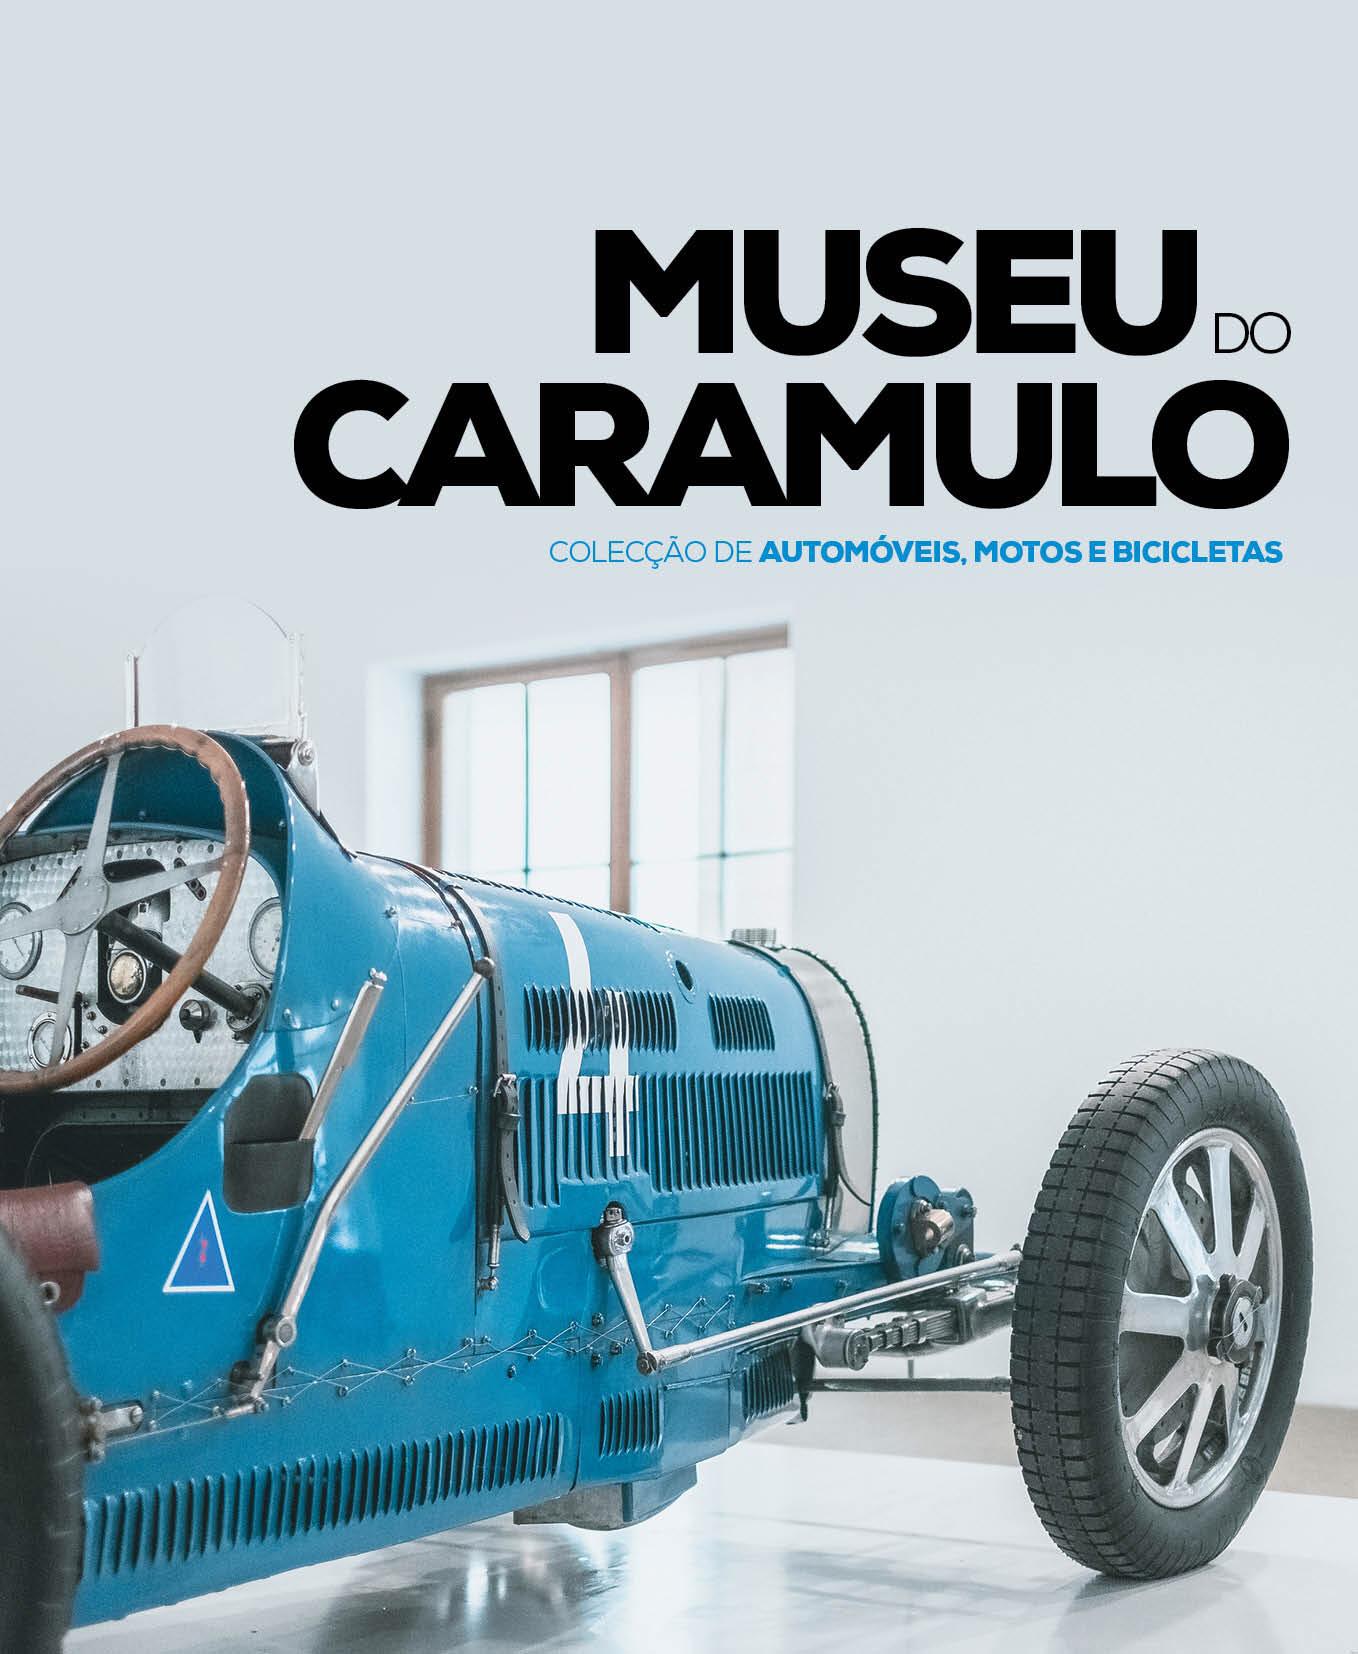 Museu do Caramulo - Colecção de Automóveis, Motos e Bicicletas